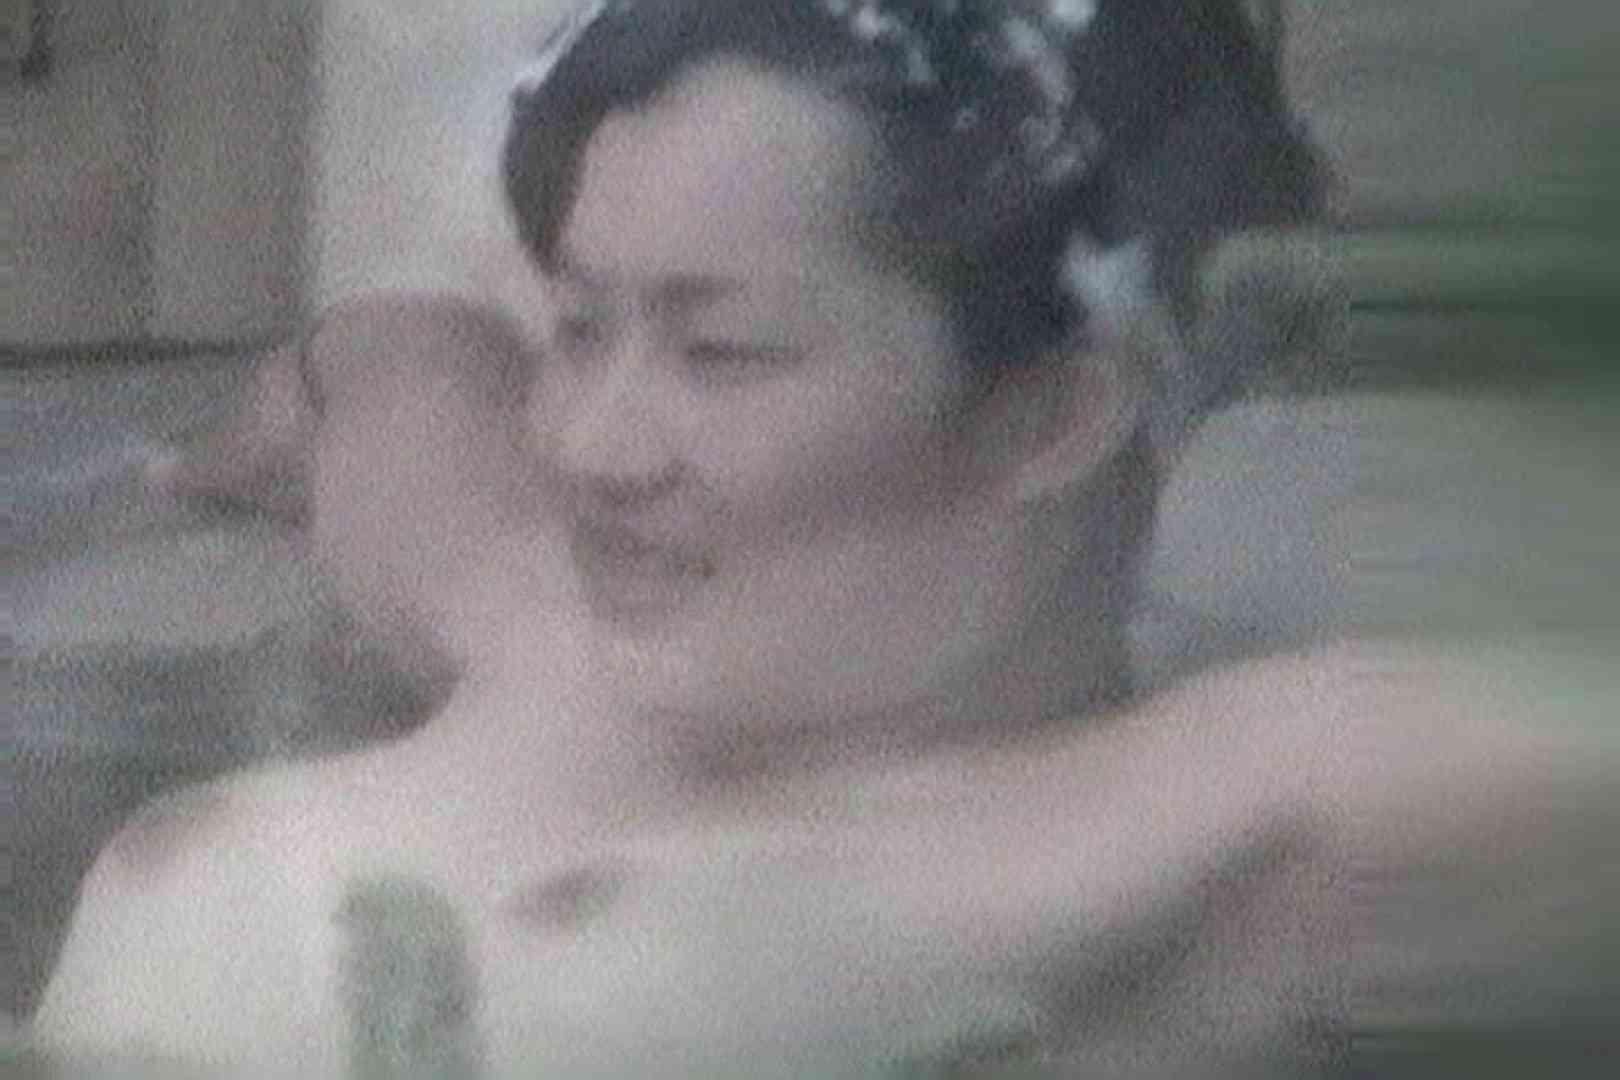 Aquaな露天風呂Vol.103 美しいOLの裸体  85pic 12